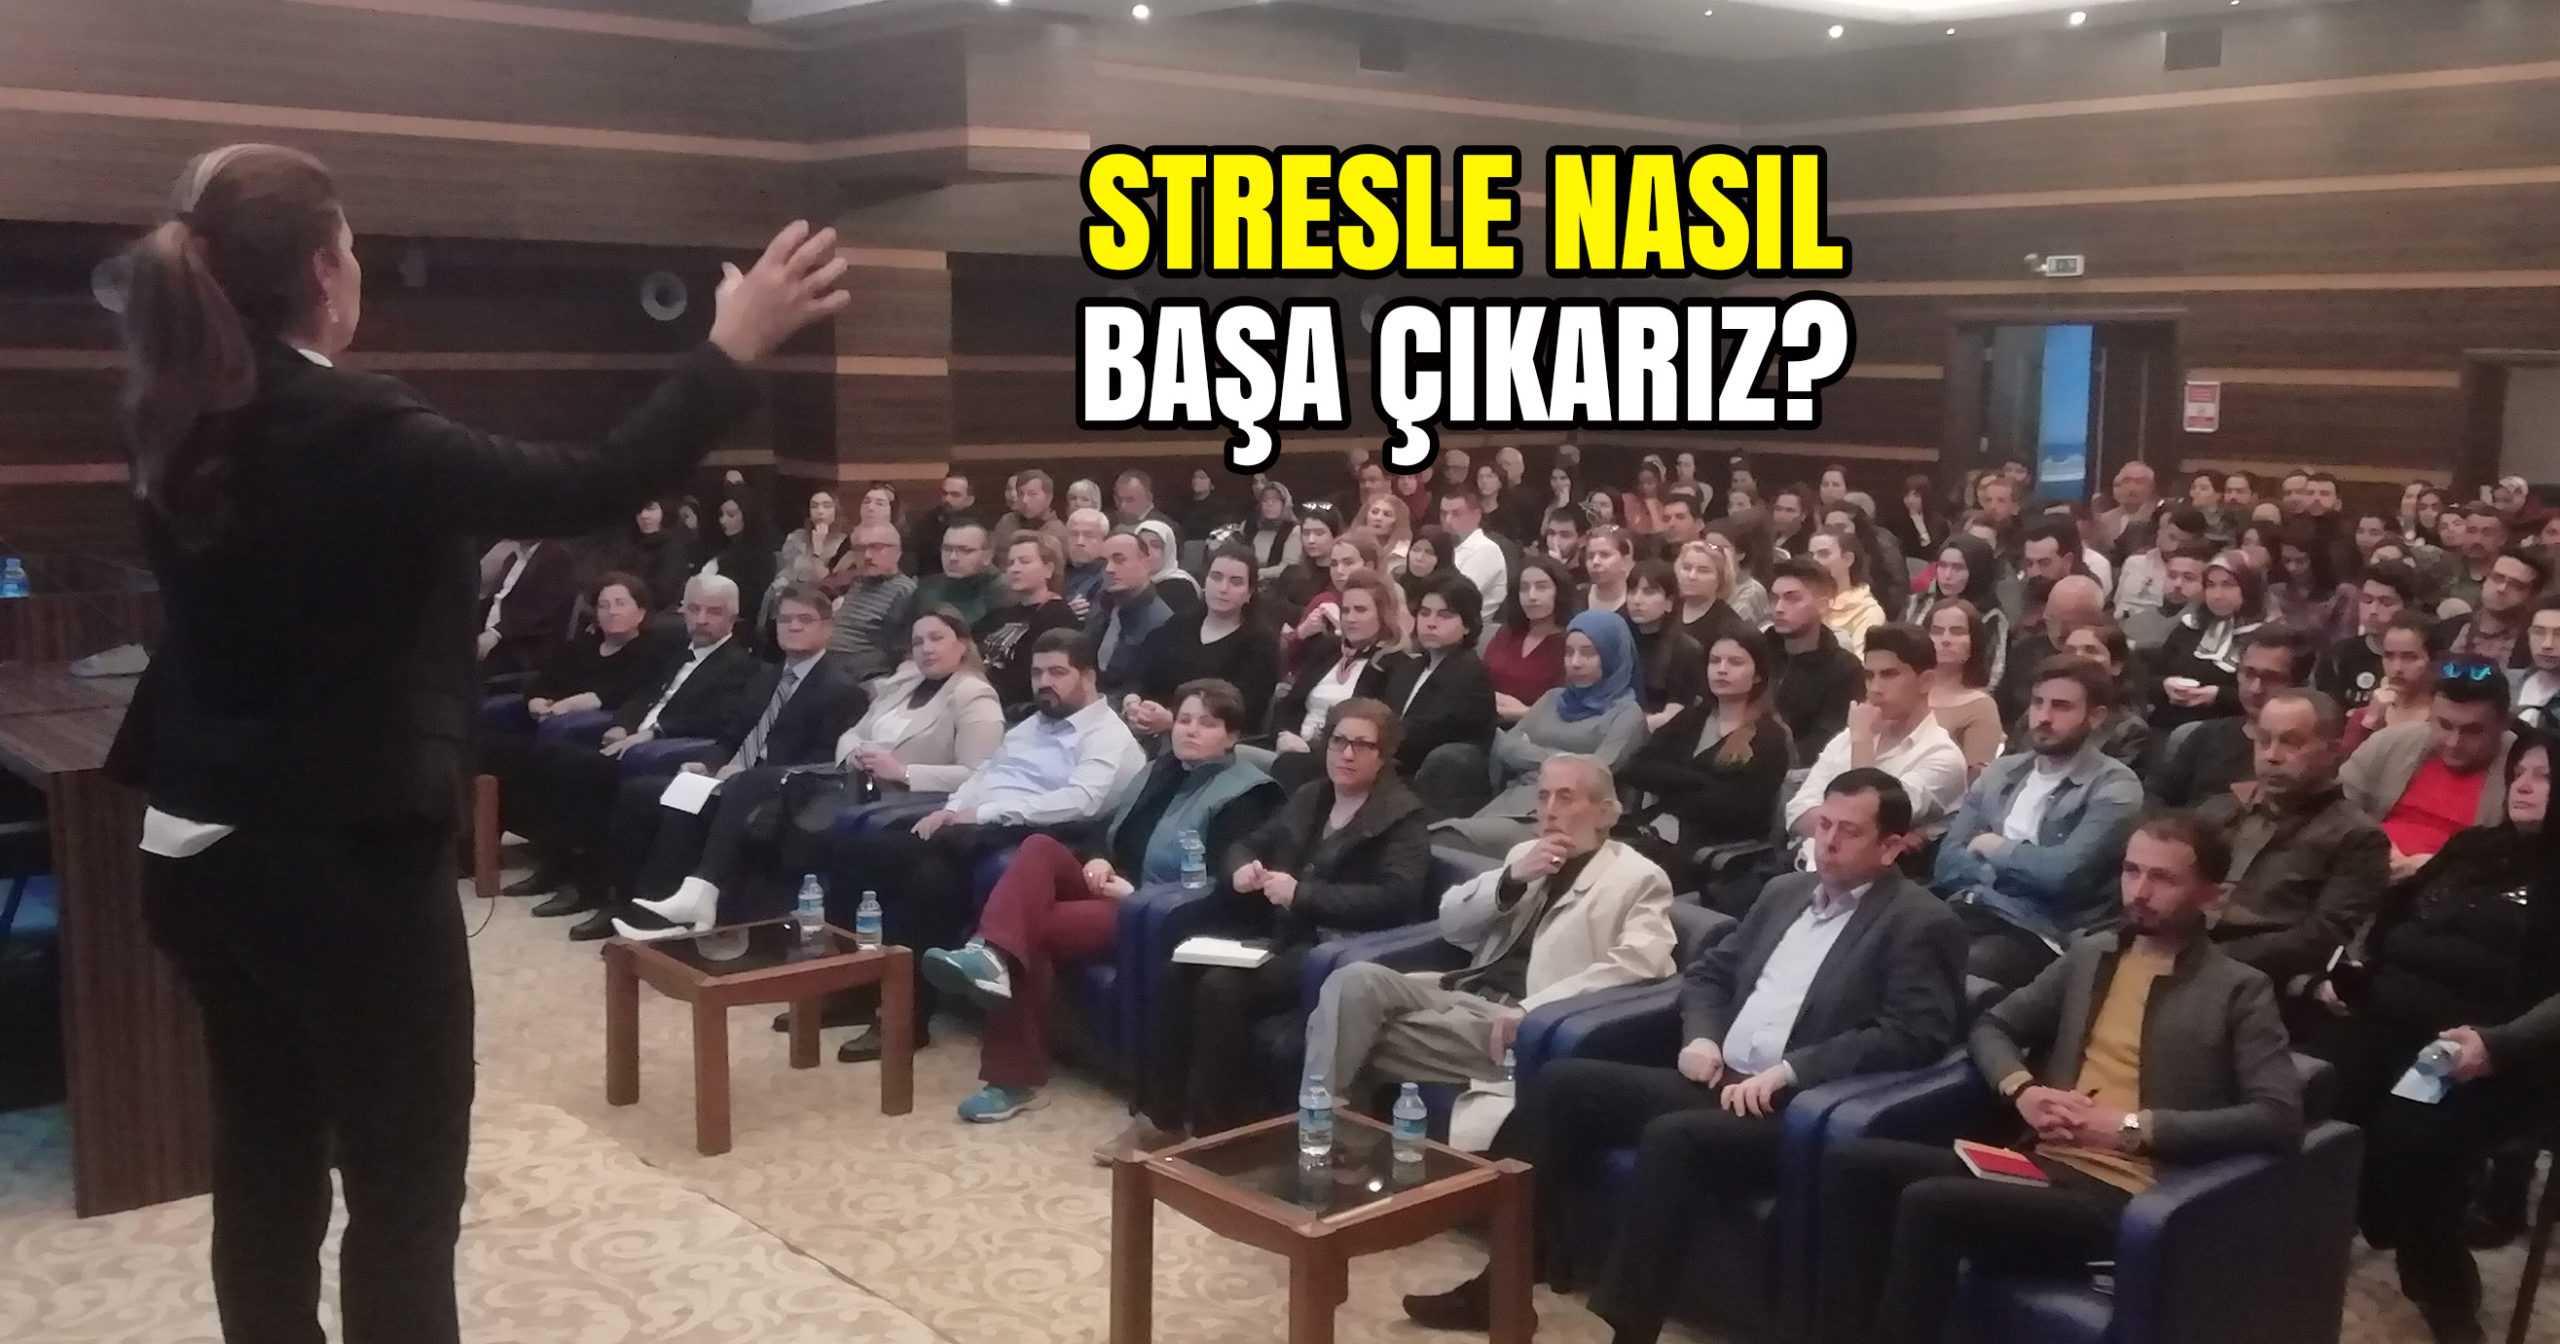 UZMAN PSİKOLOG ALTSO AKADEMİ'DE ANLATTI